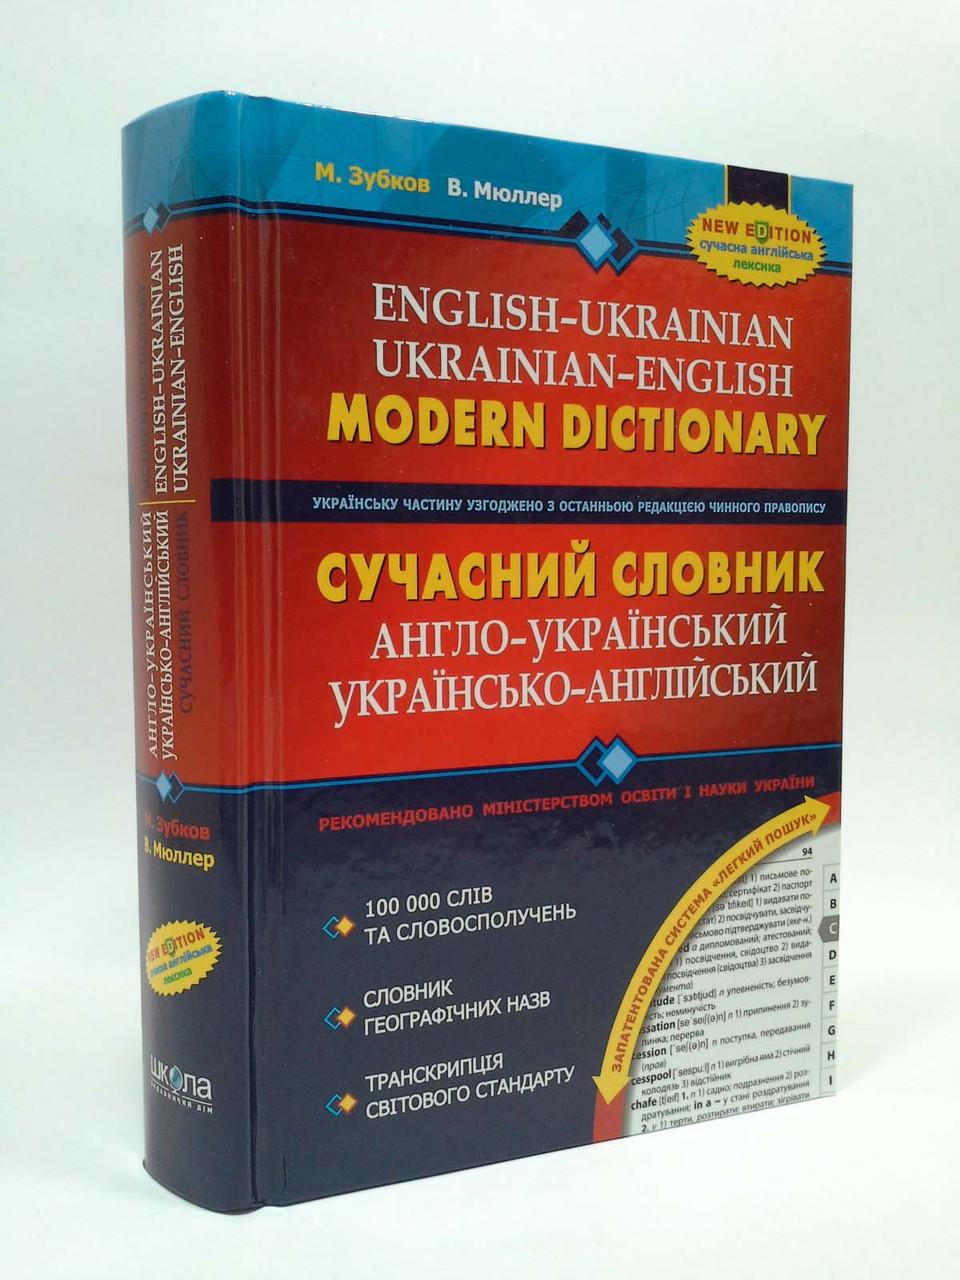 Сучасний словник англо-український, українсько-англійський.100 000 слів. Школа